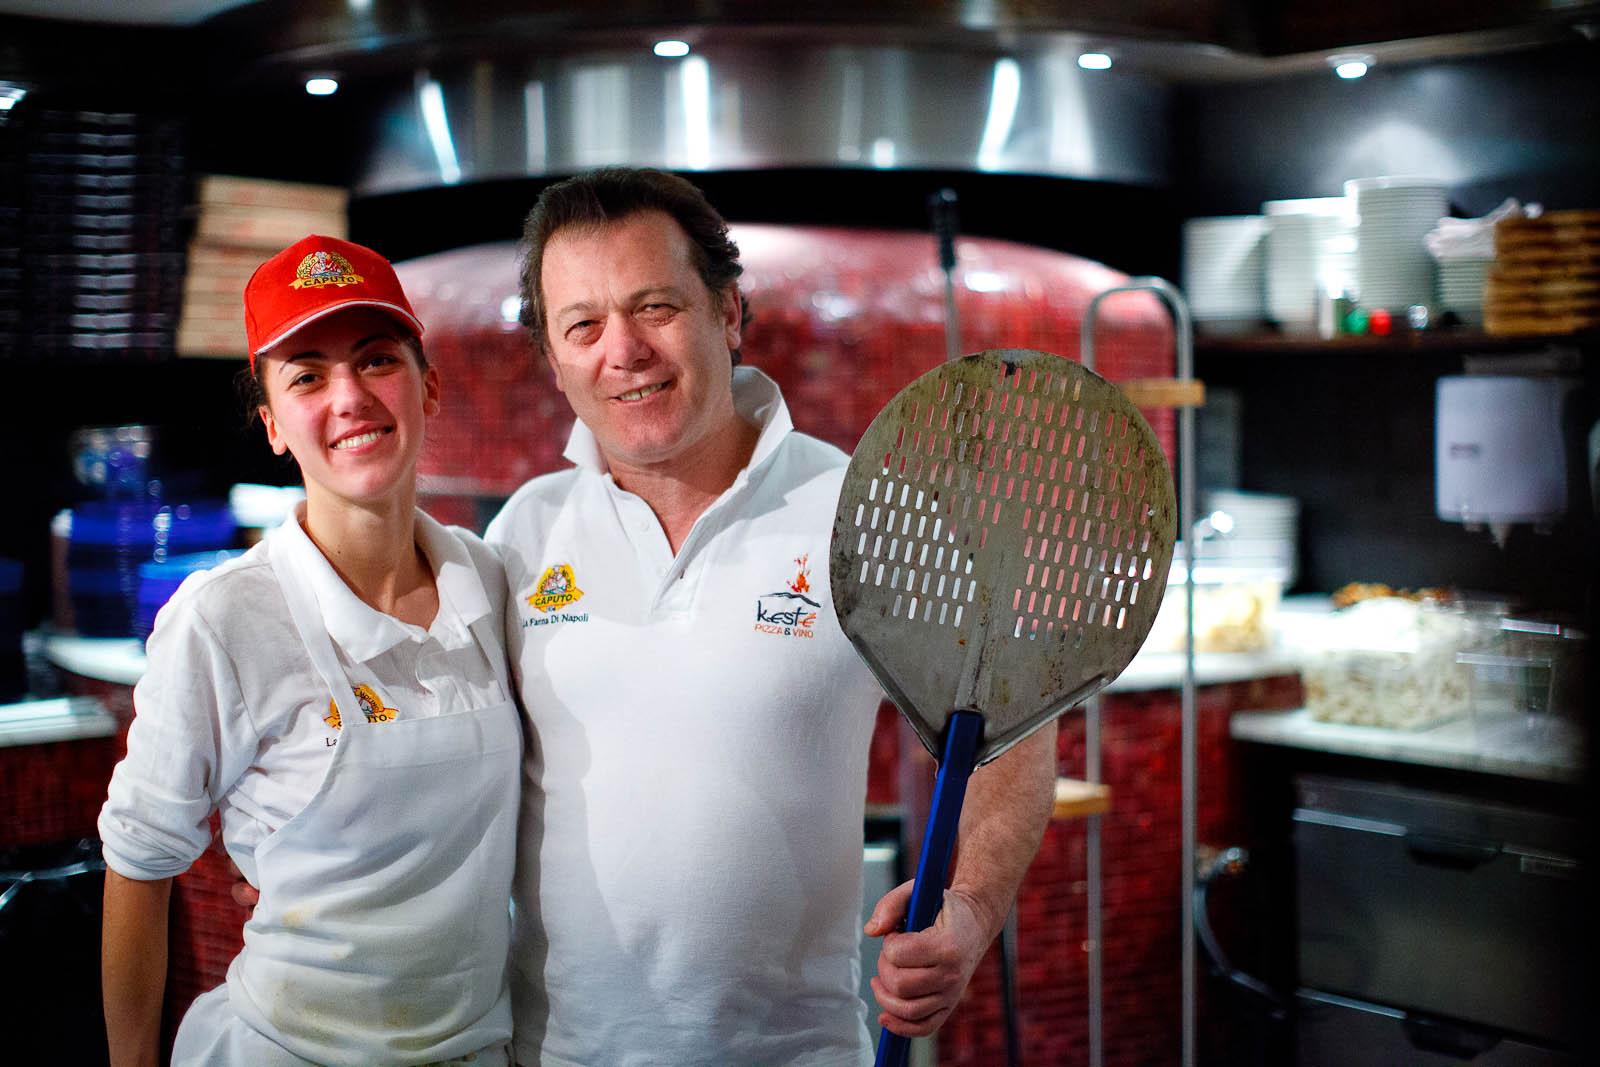 Pizzaioli Roberto Caporuscio and his daughter Giorgia